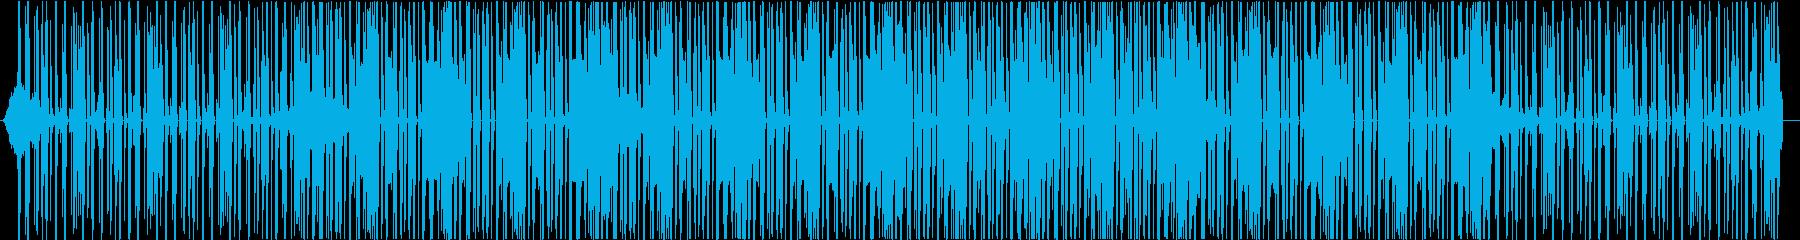 クール・ミステリー・ベース・洋楽・ハウスの再生済みの波形